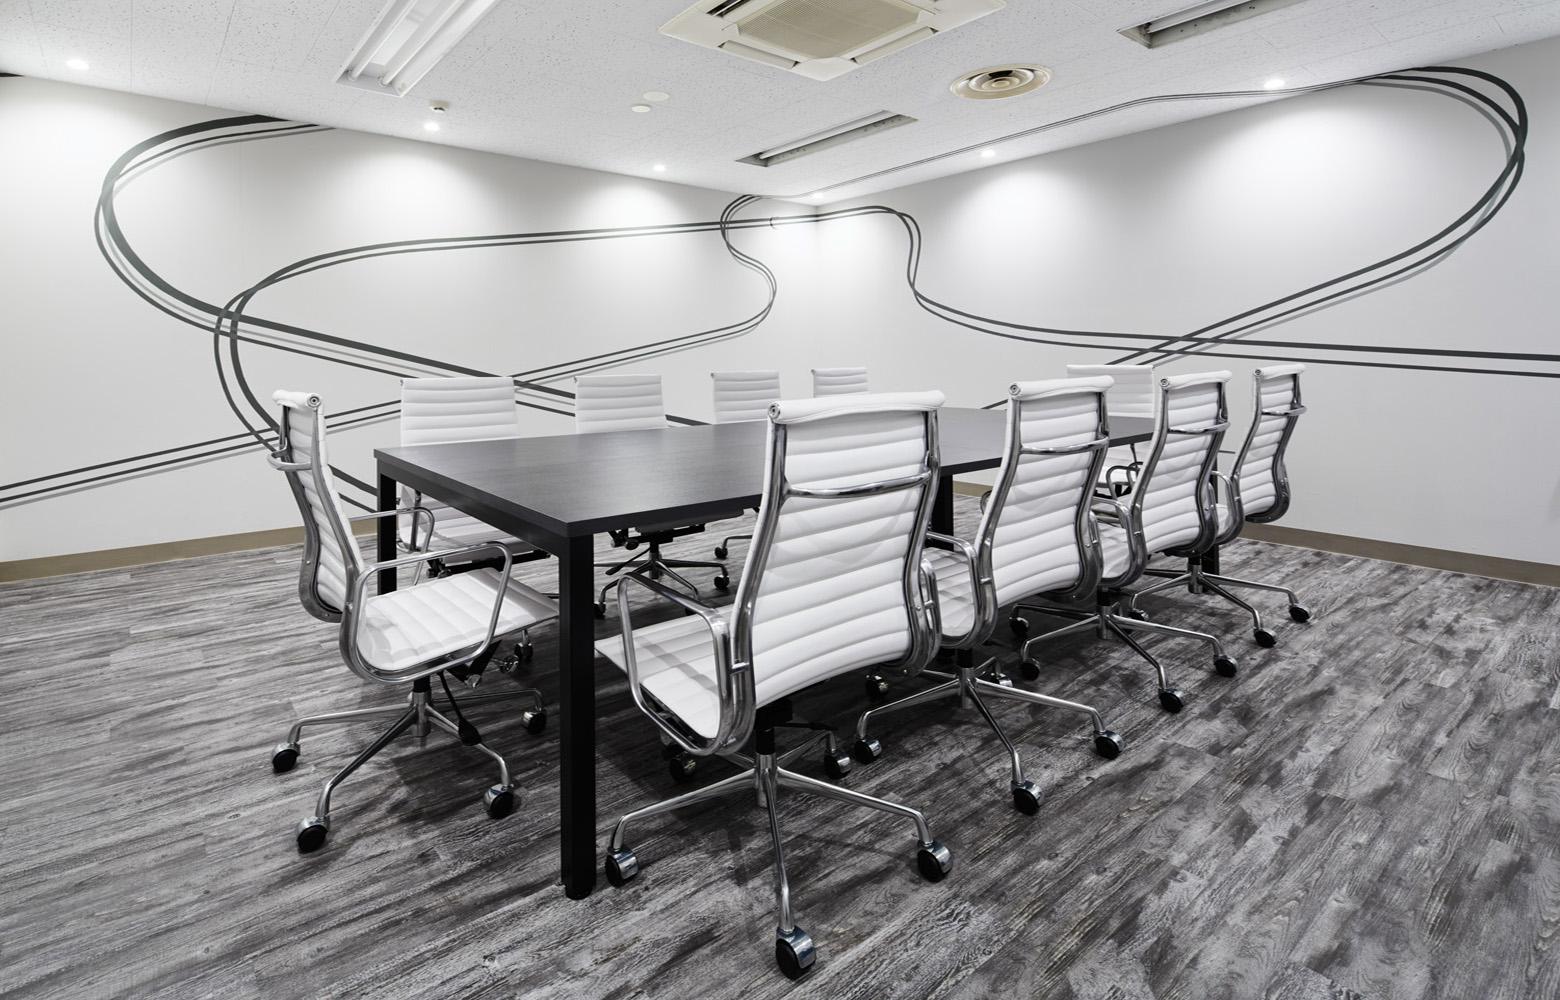 株式会社エクスプレス・エージェント Meeting Room_2 デザイン・レイアウト事例